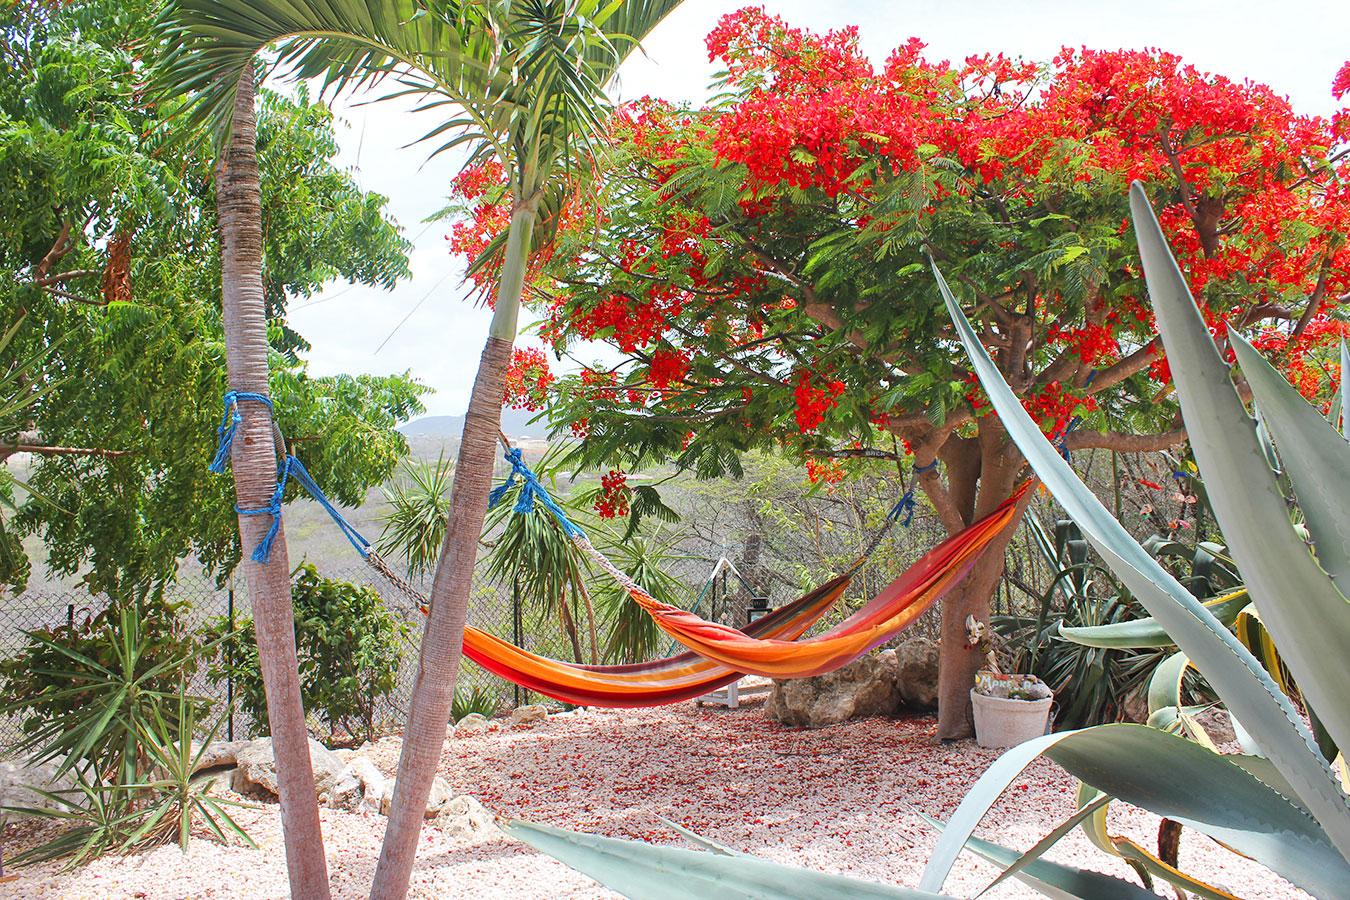 Vakantie appartement op Curacao | Bandabou / westpunt / midden in de natuur.